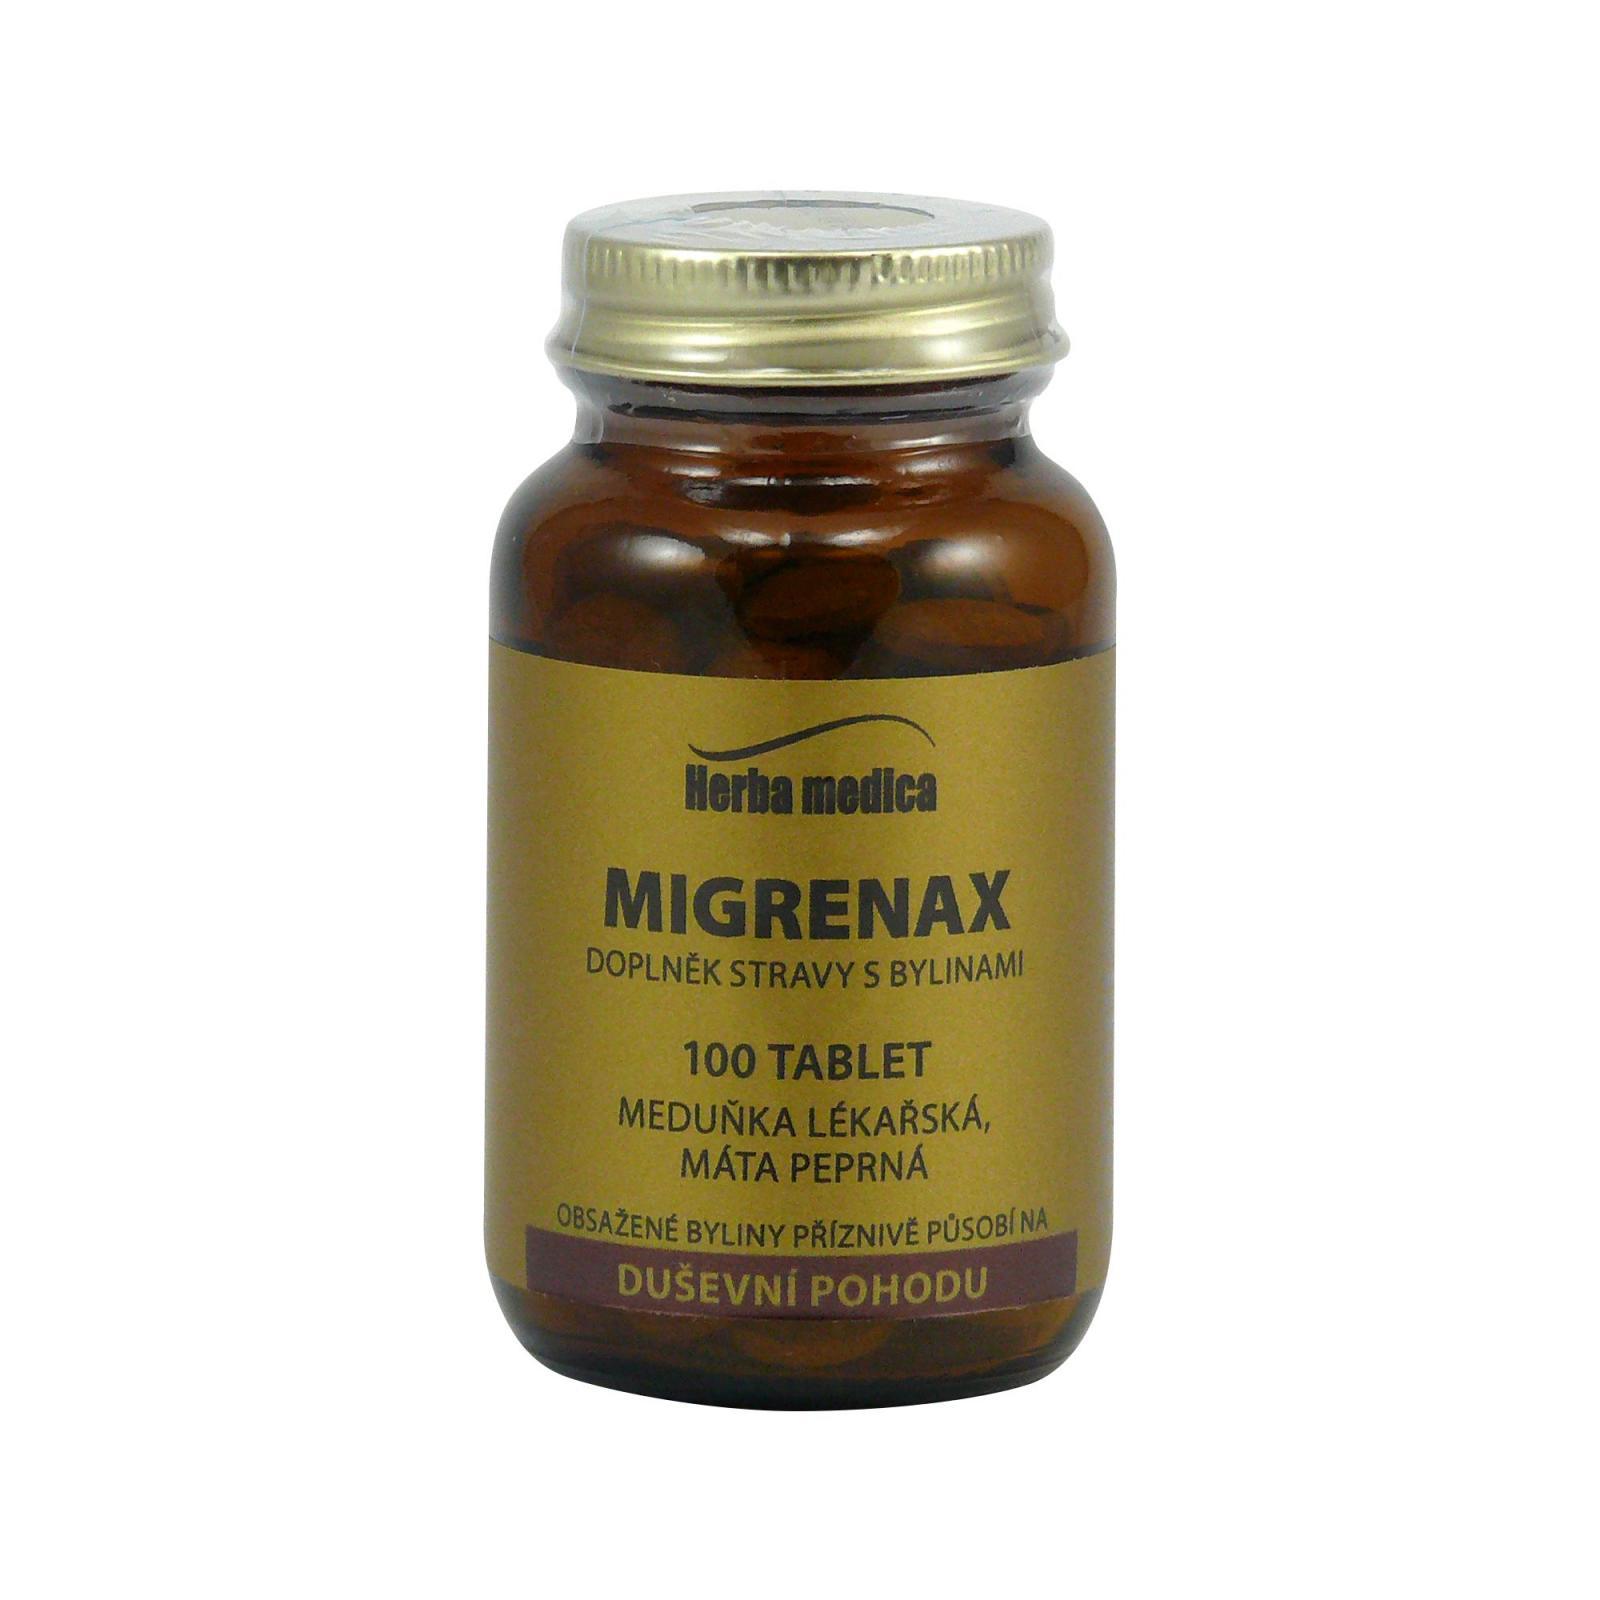 Herba Medica Migrenax 50 g,100 ks (tablet)